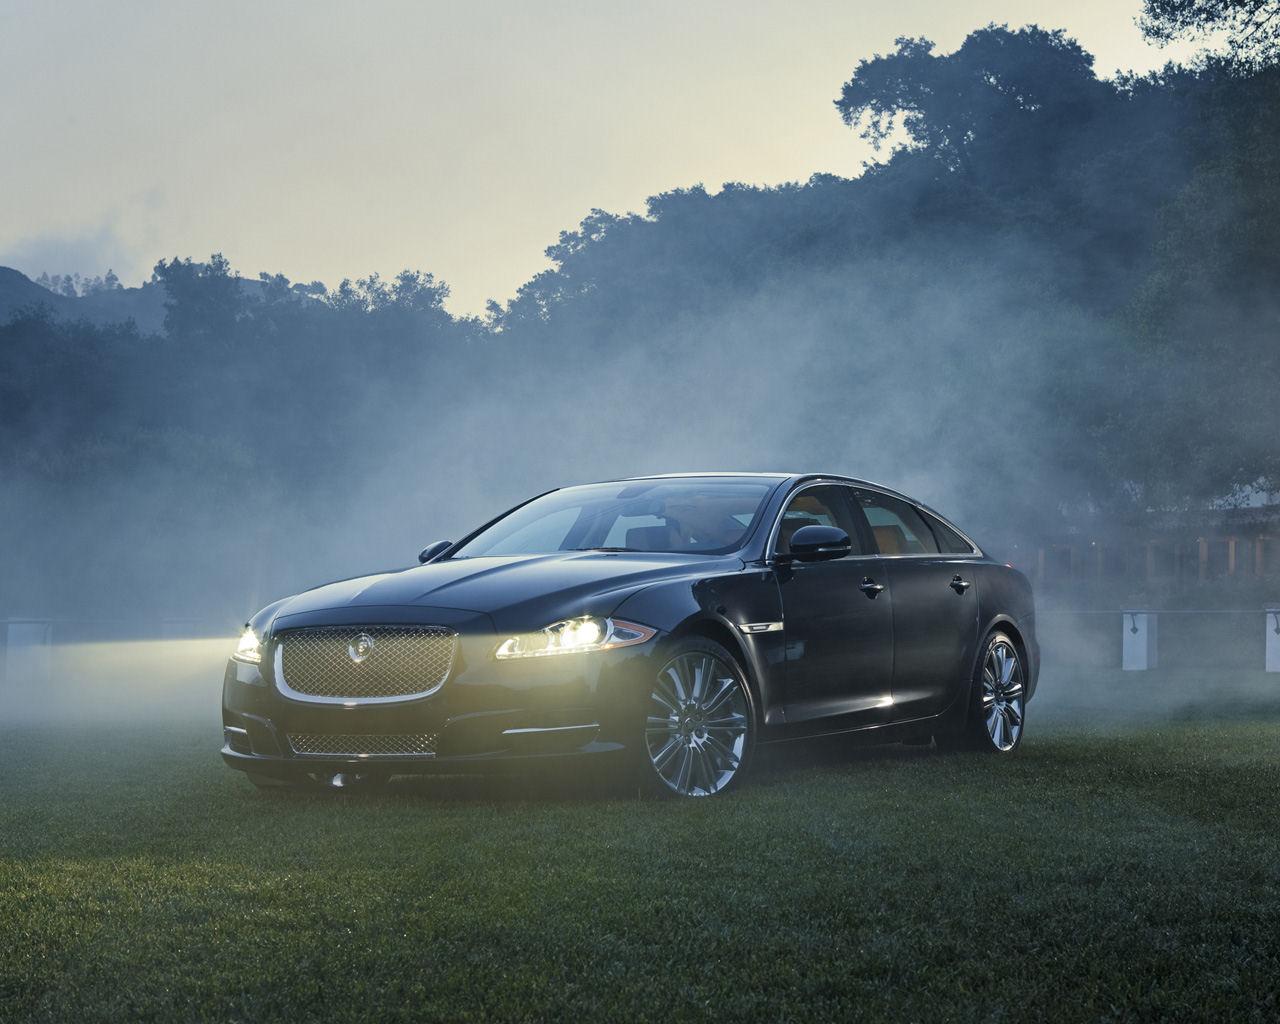 Jaguar XJ, XJ8 L, XJR, Supercharged V8